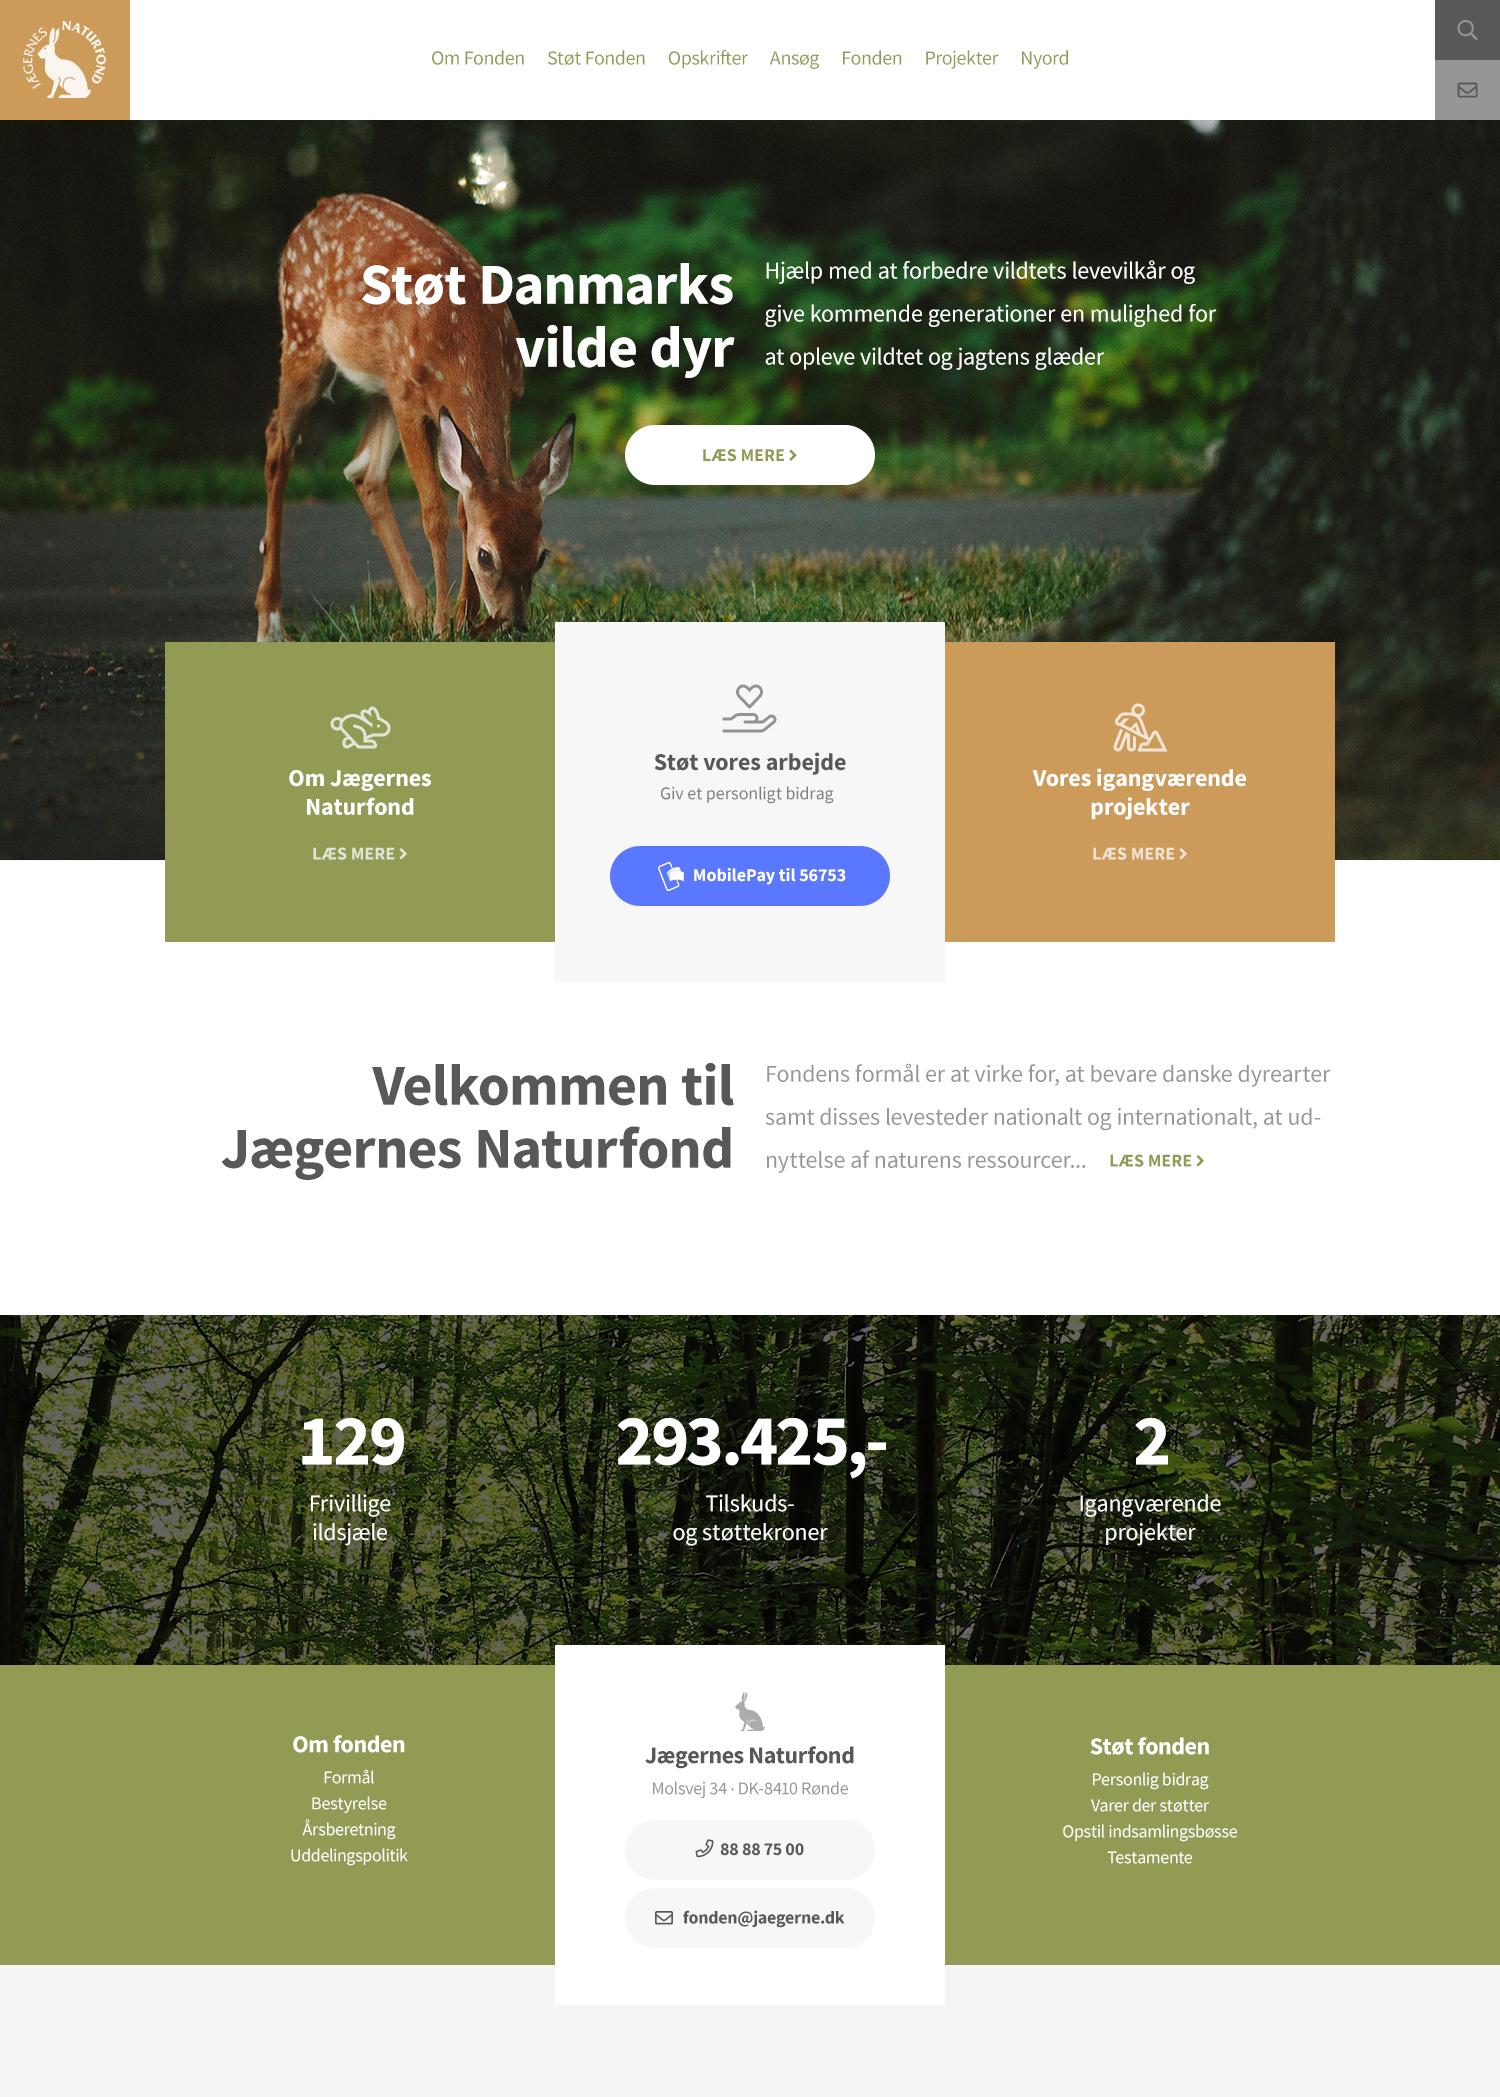 Billede der viser design på forsiden af Danmarks Naturfonds nye hjemmeside